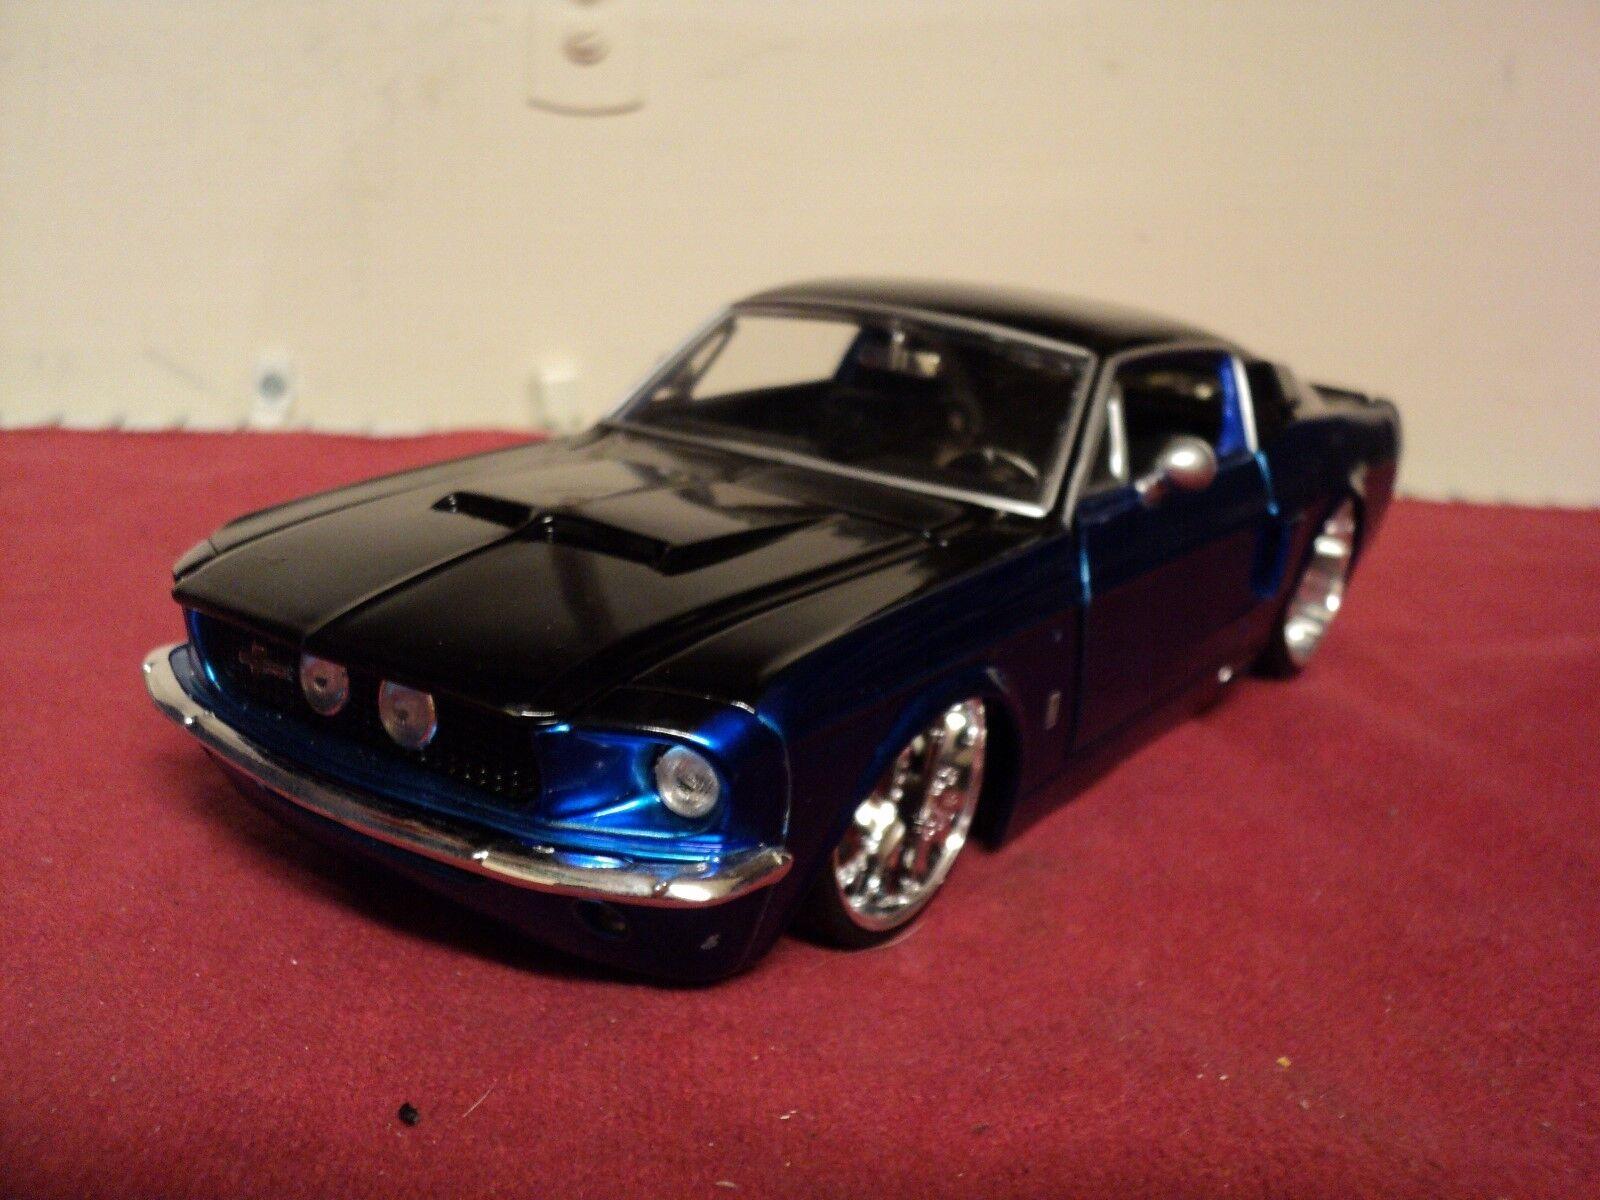 Jada 1967 Shelby Mustang GT500 Kr Escala 1 24 usado 2005 versión 2 tonos difíciles de encontrar